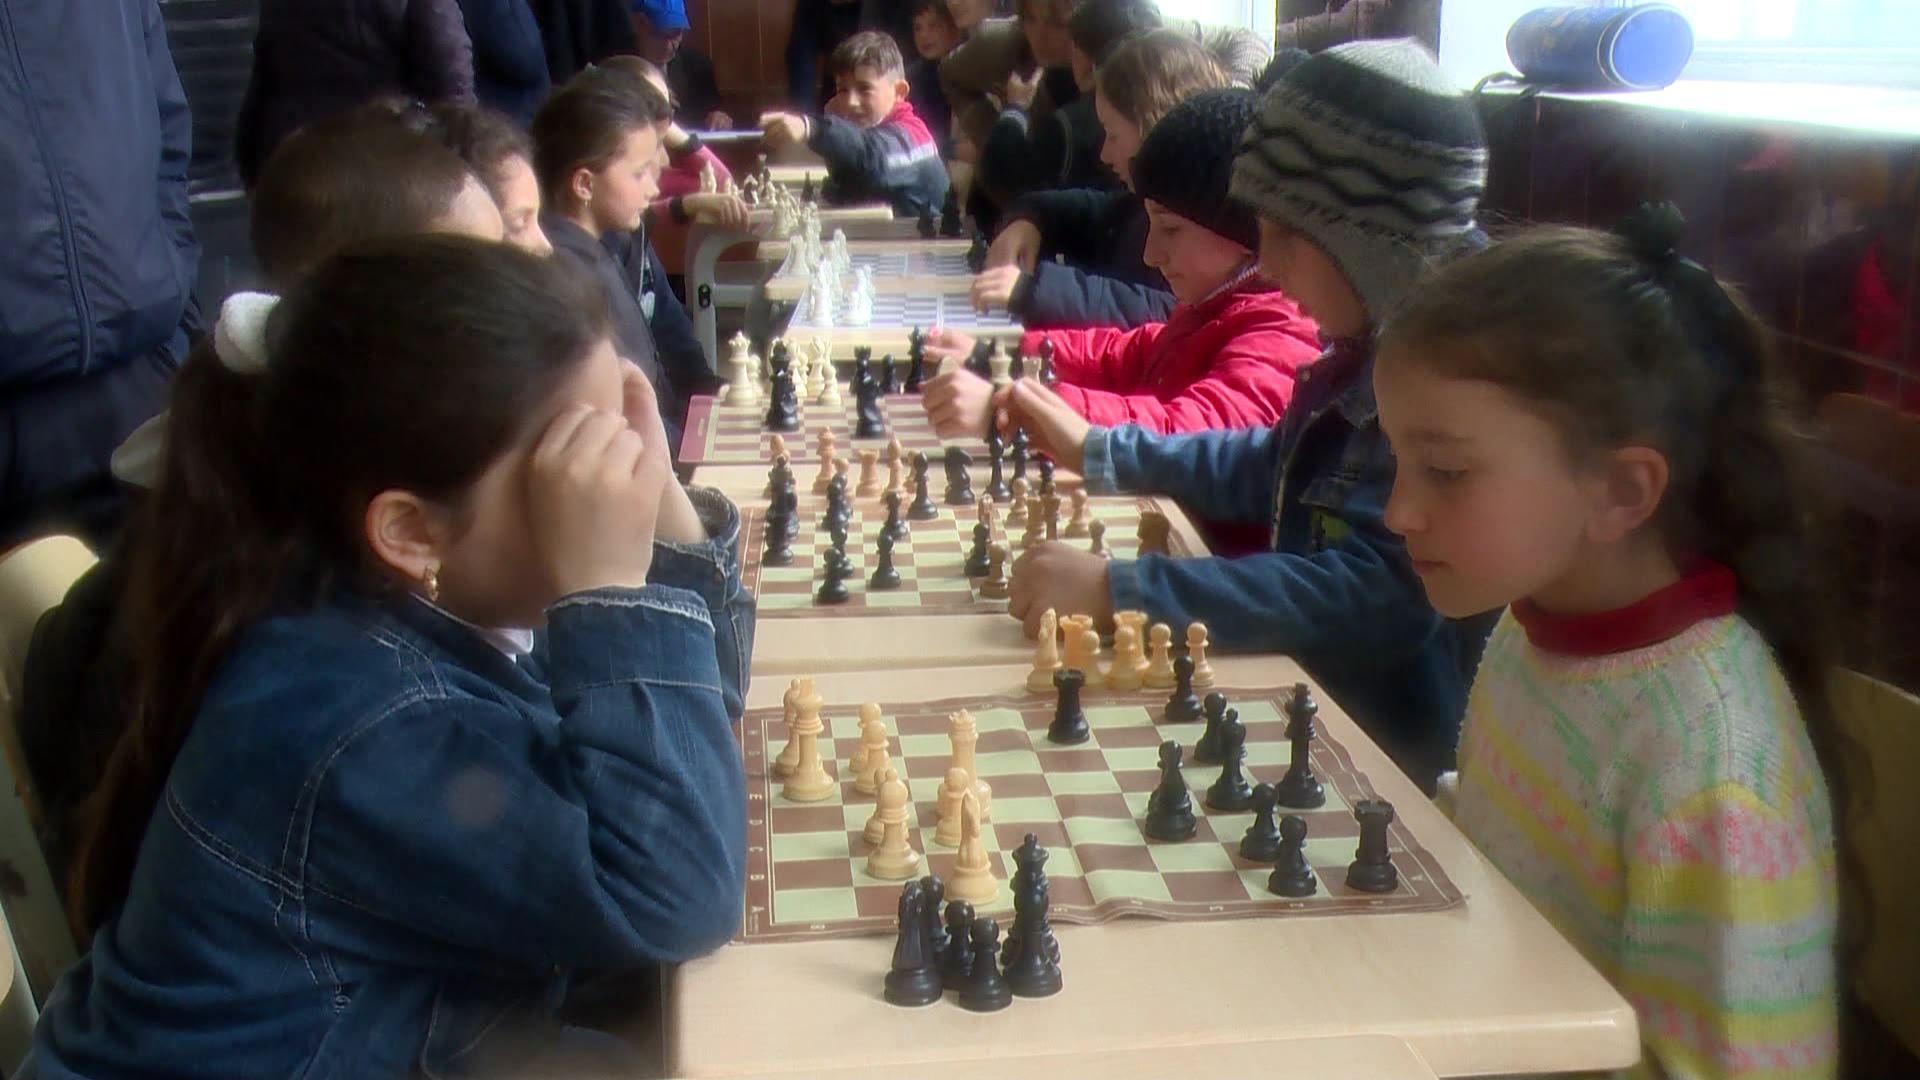 სკოლებს შორის გუნდური პირველობა ჭადრაკში